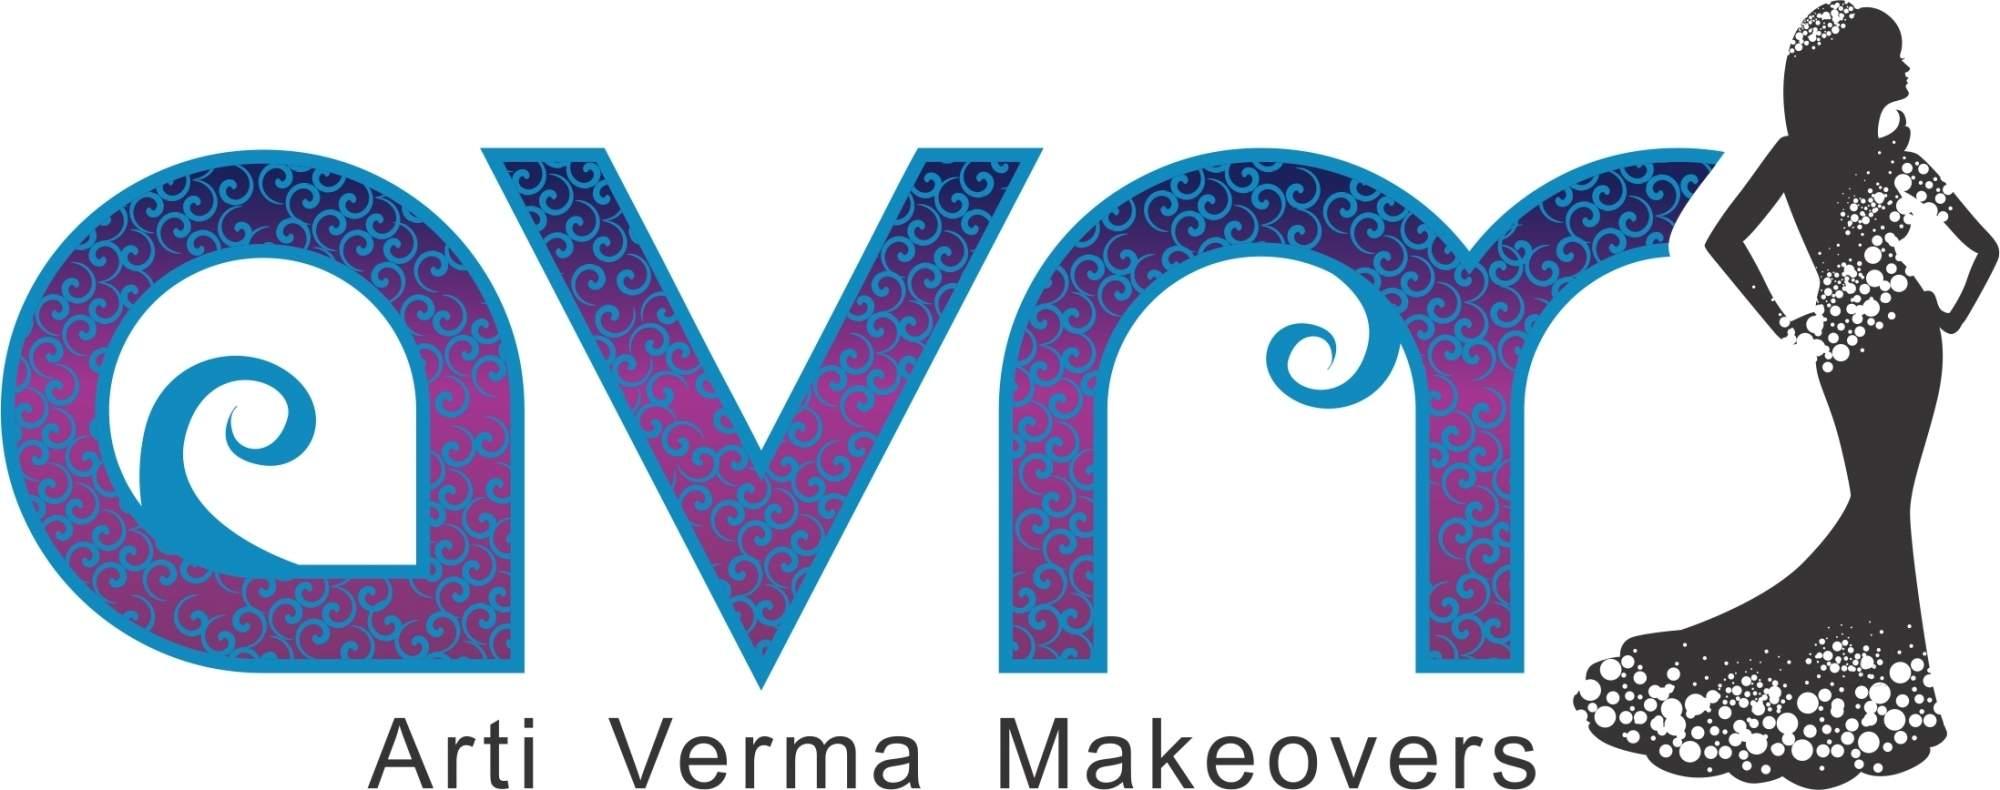 Dazzlerr Institute: Arti Verma Makeovers